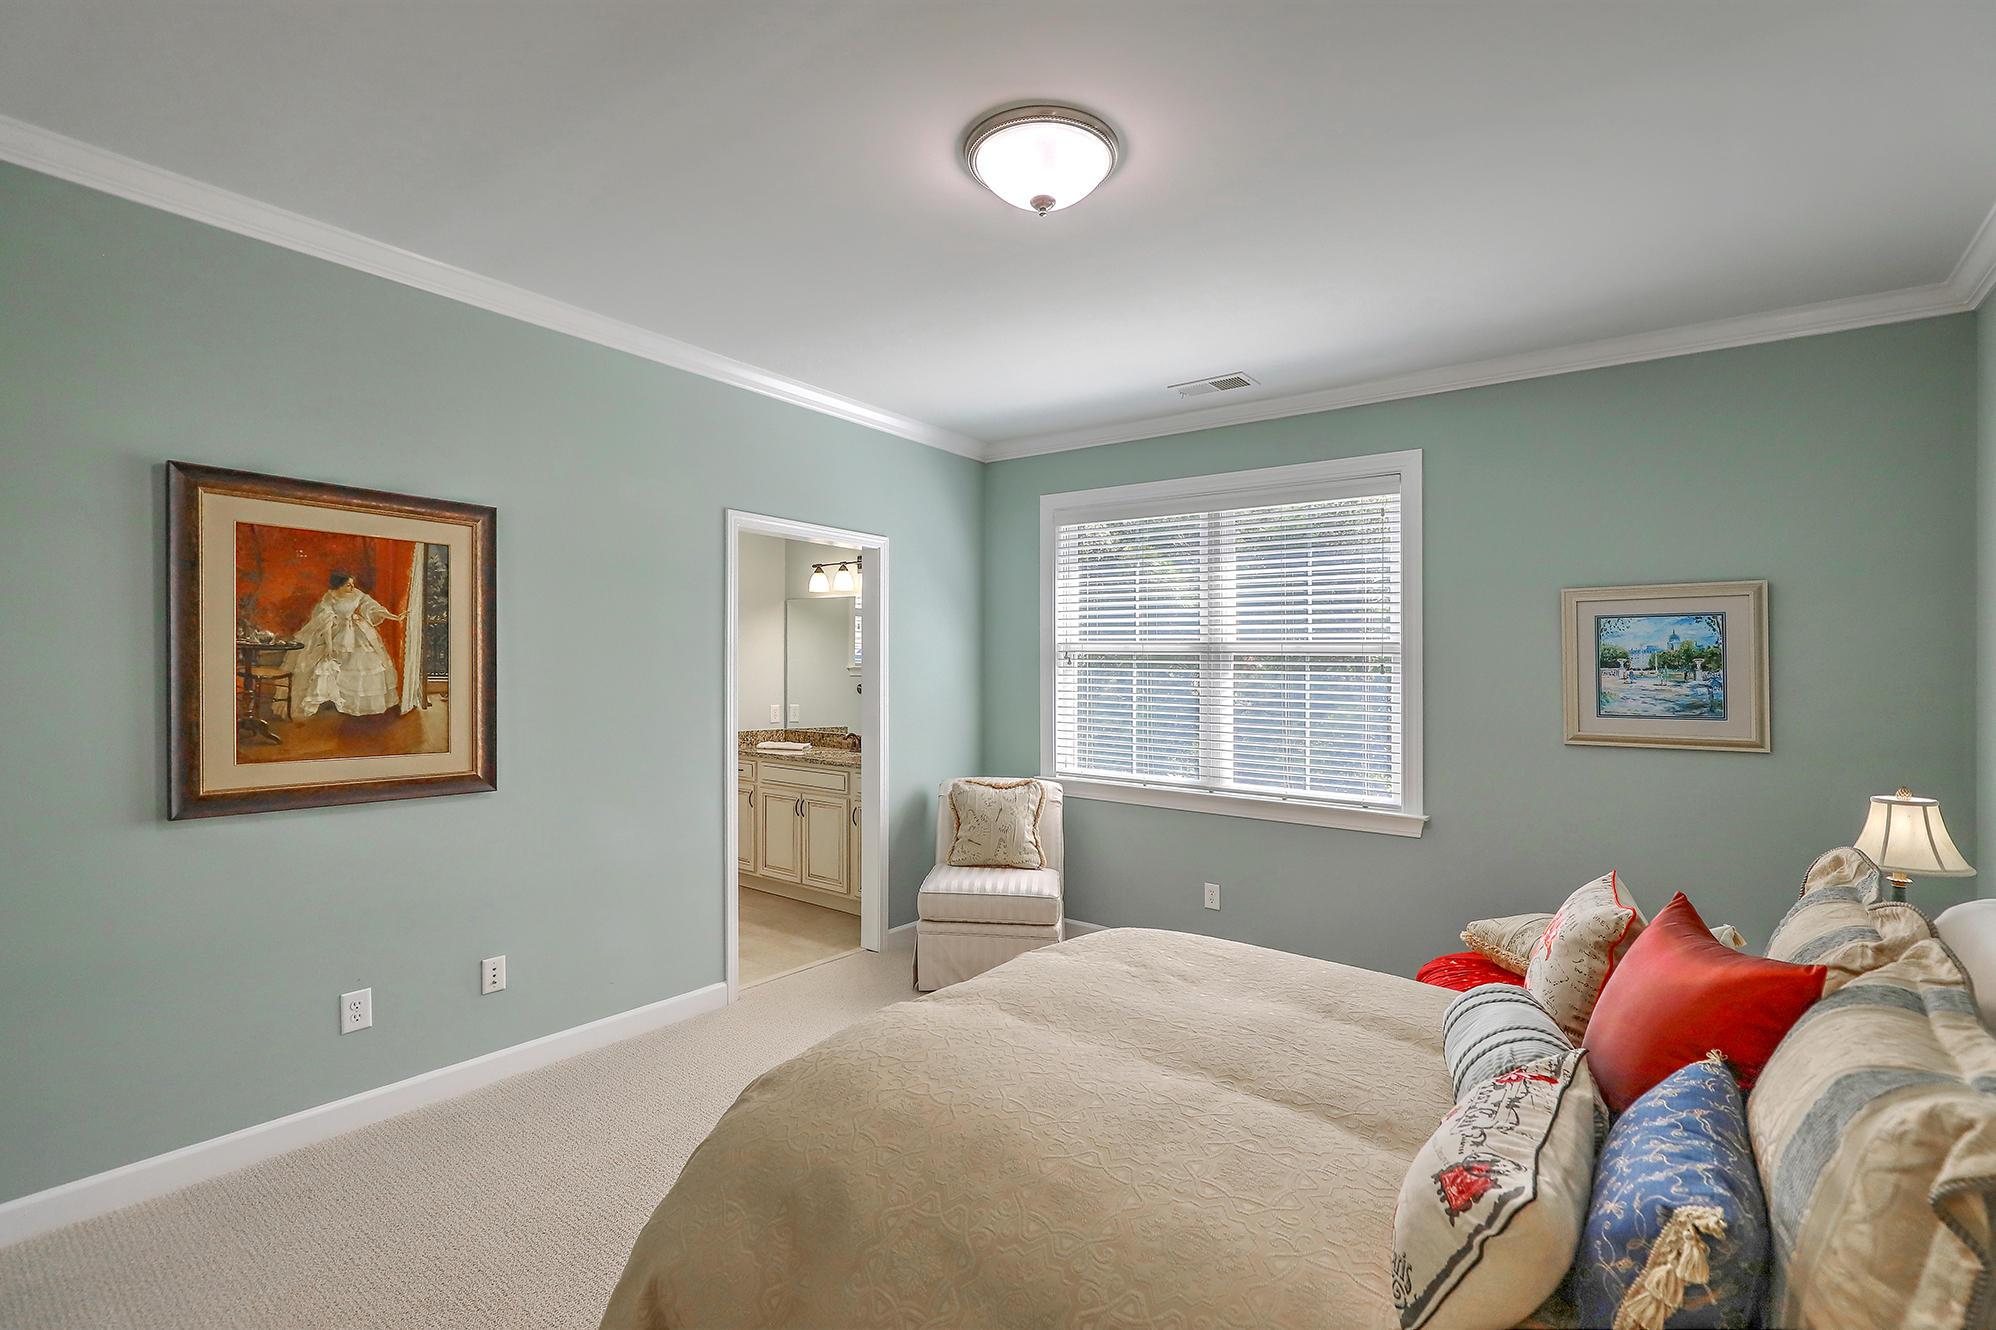 Park West Homes For Sale - 2108 Malcolm, Mount Pleasant, SC - 50